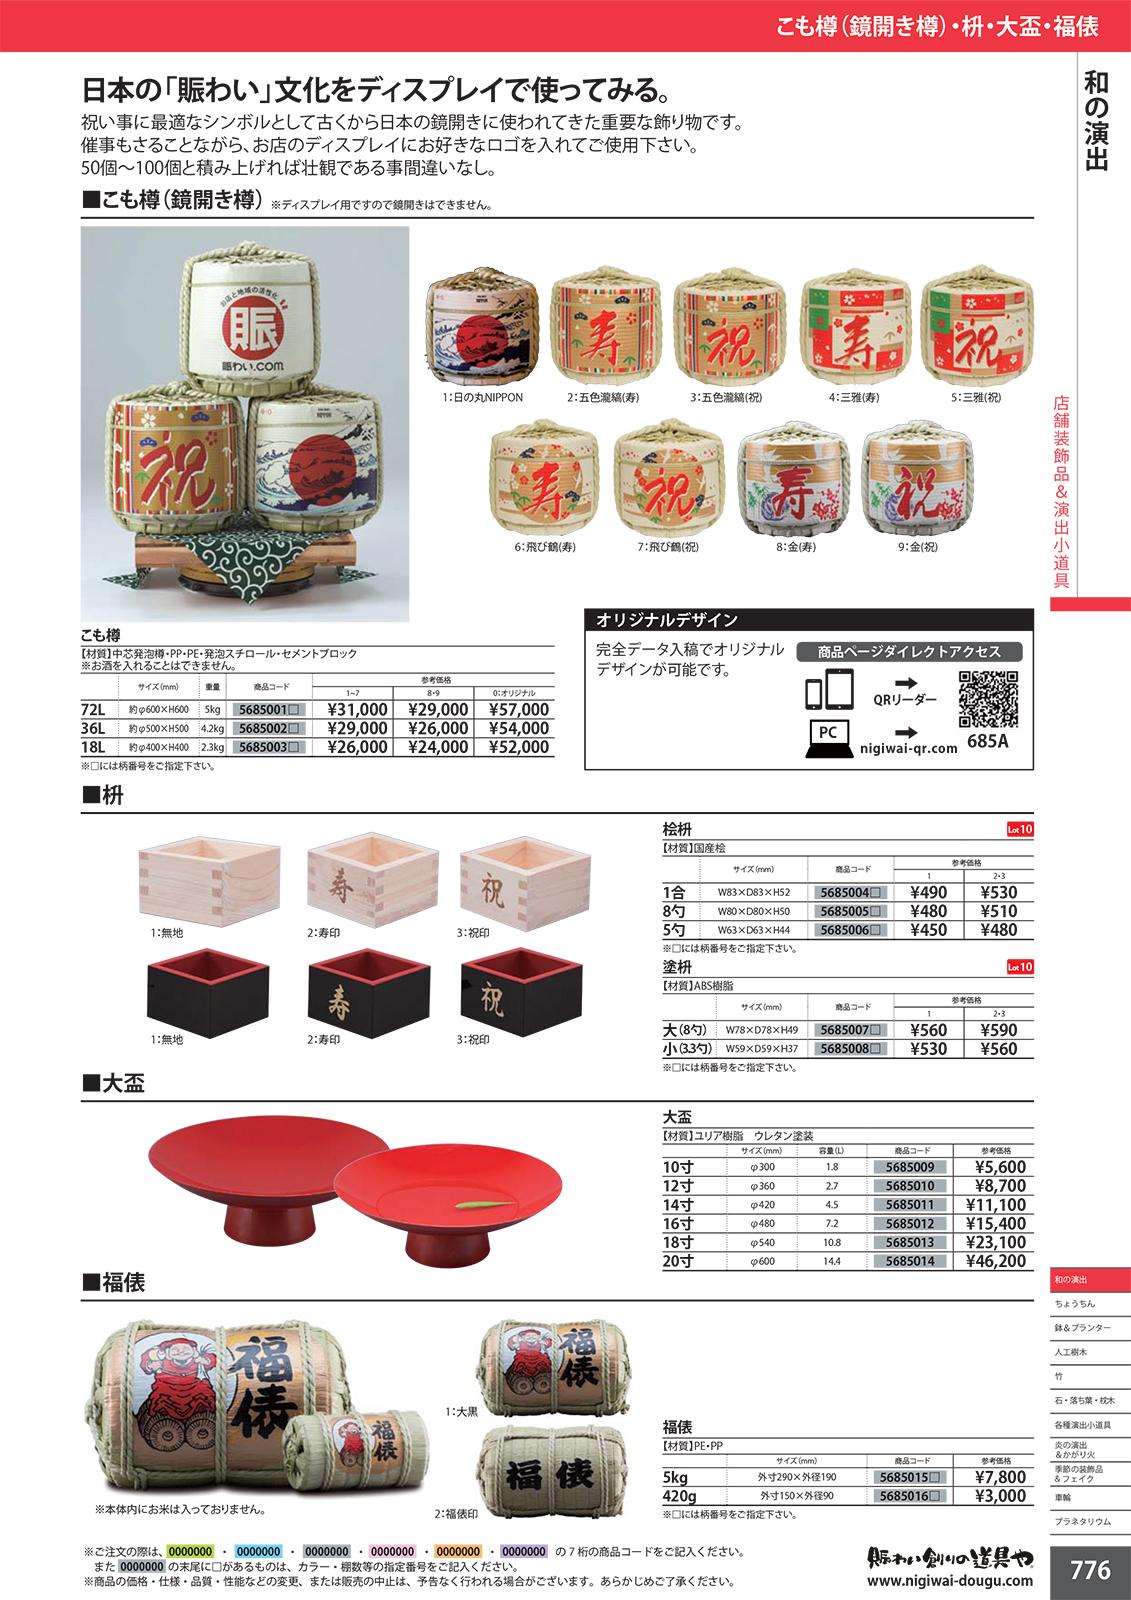 こも樽(鏡開き樽)|和風/店舗装飾品 通販|演出小道具、店内装飾品 ...